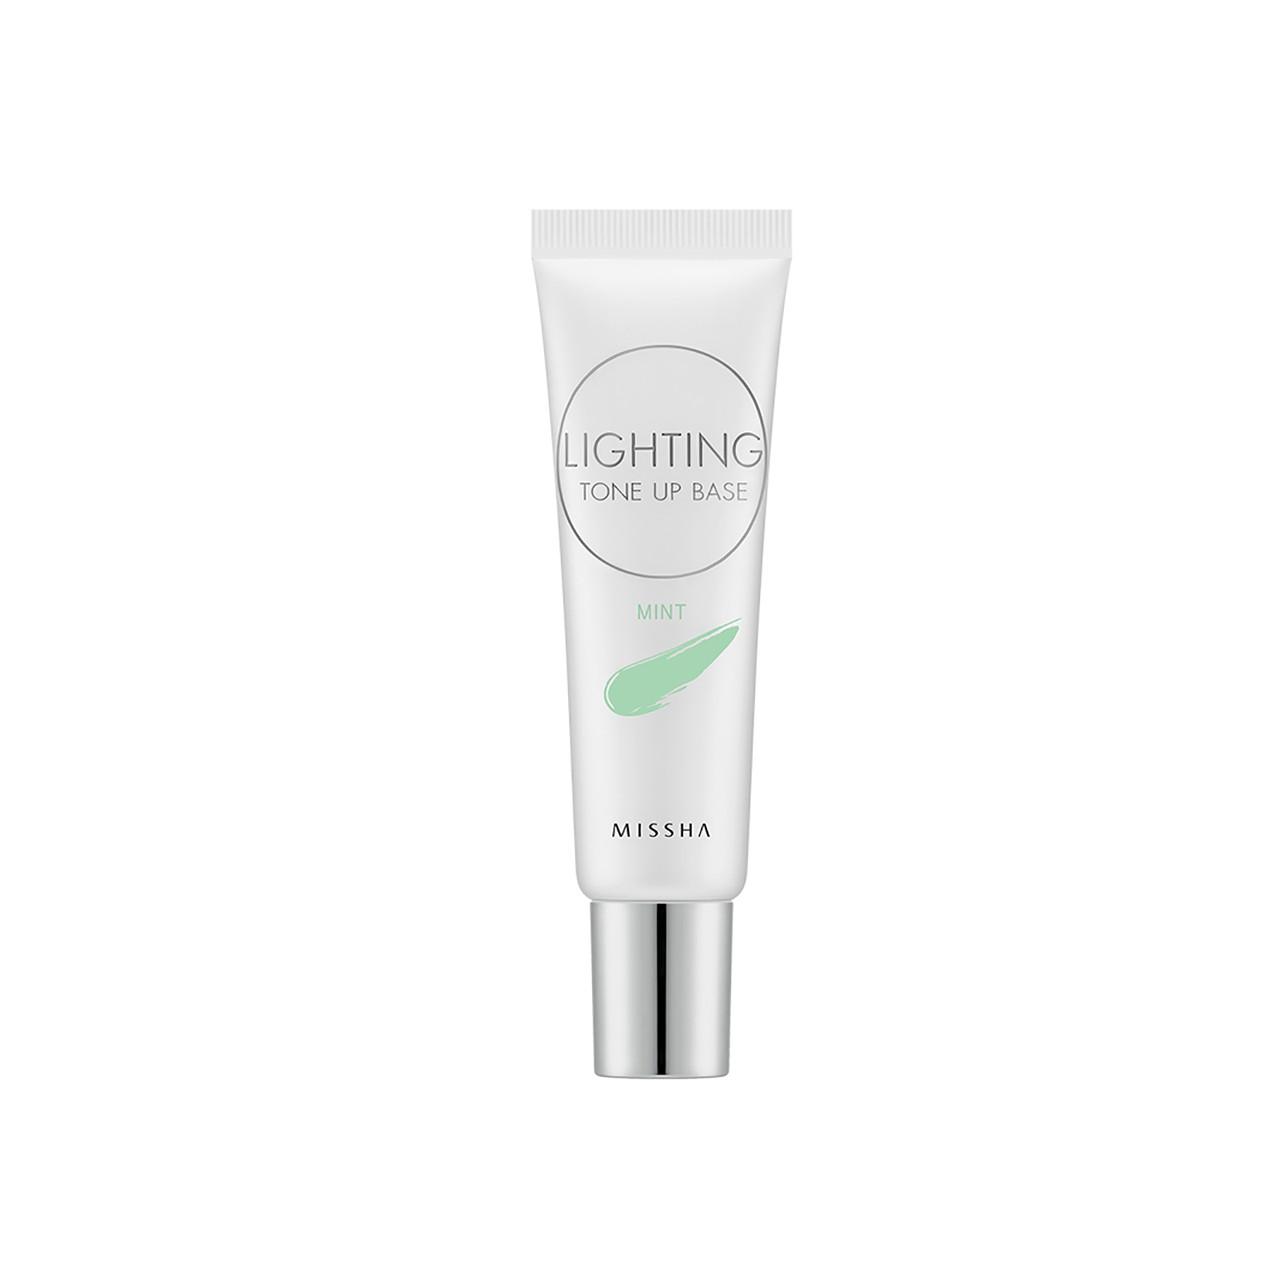 База под макияж Missha Lighting Tone Up Base SPF30/PA++ Mint 20 мл (8806185753524)